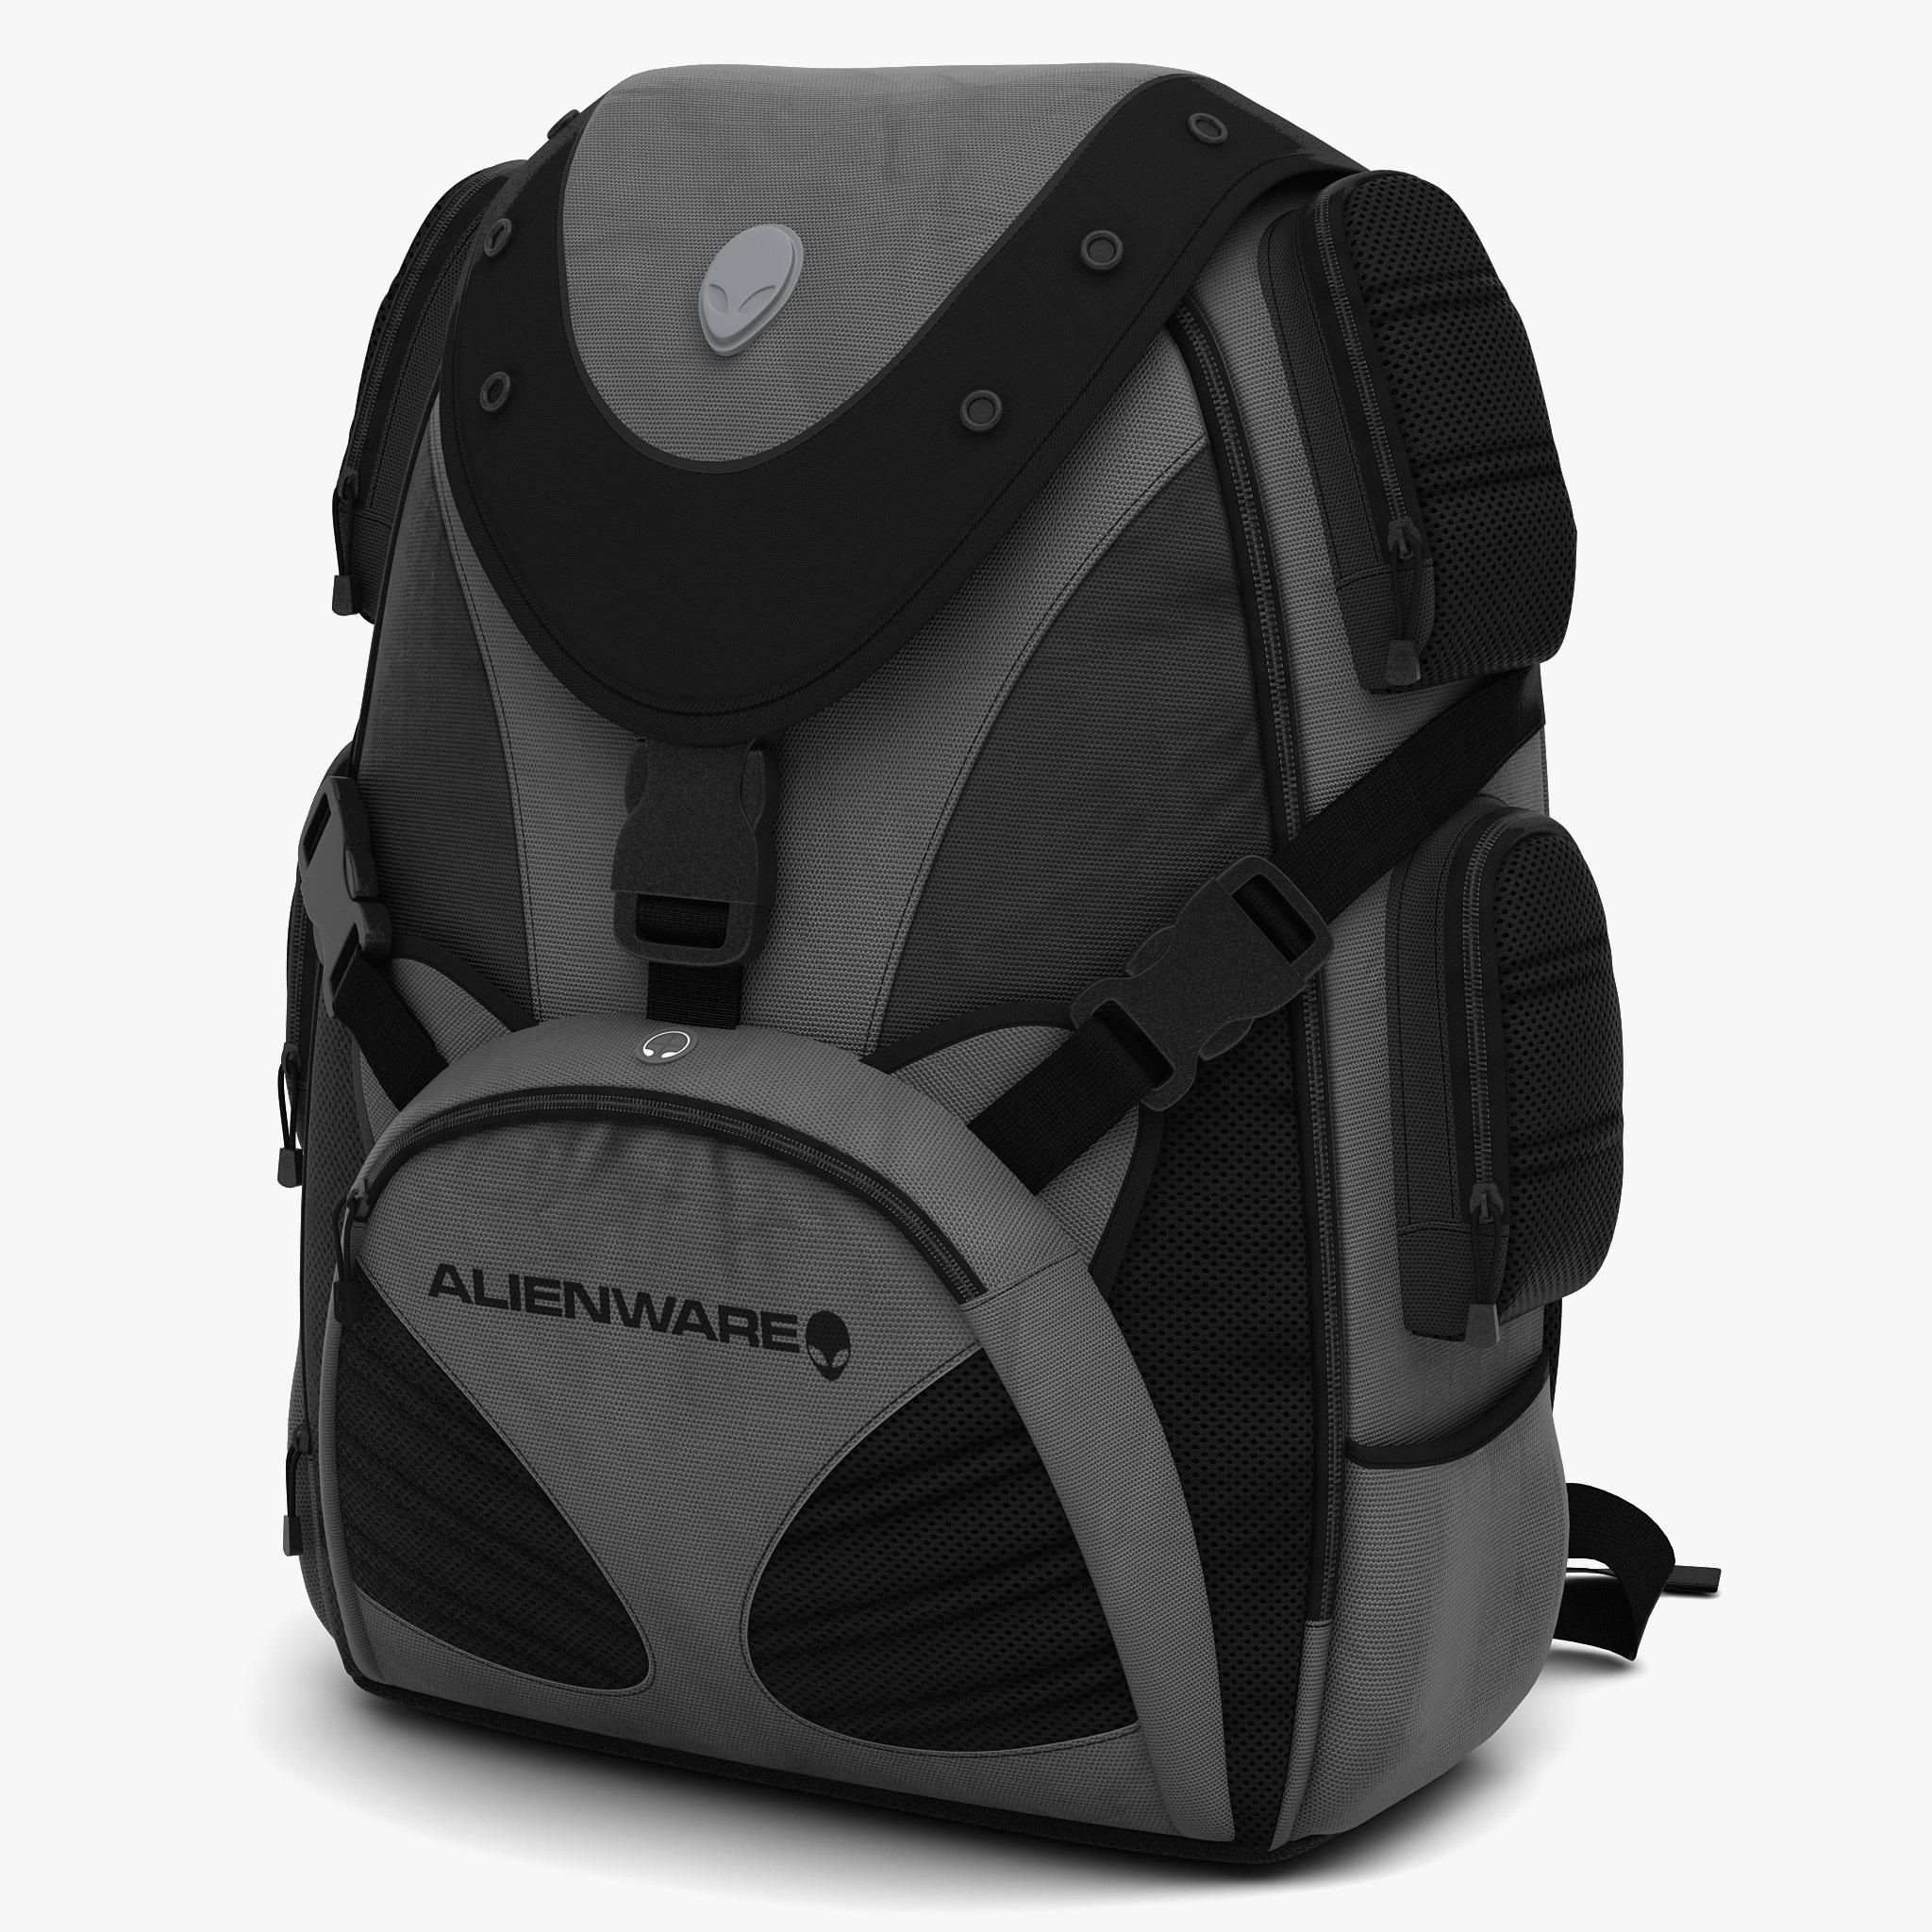 234123_Alienware_Premium_Backpack___0001.jpg955d8888-1c60-46f9-b8e6-1a4d4a8fb743Original.jpg